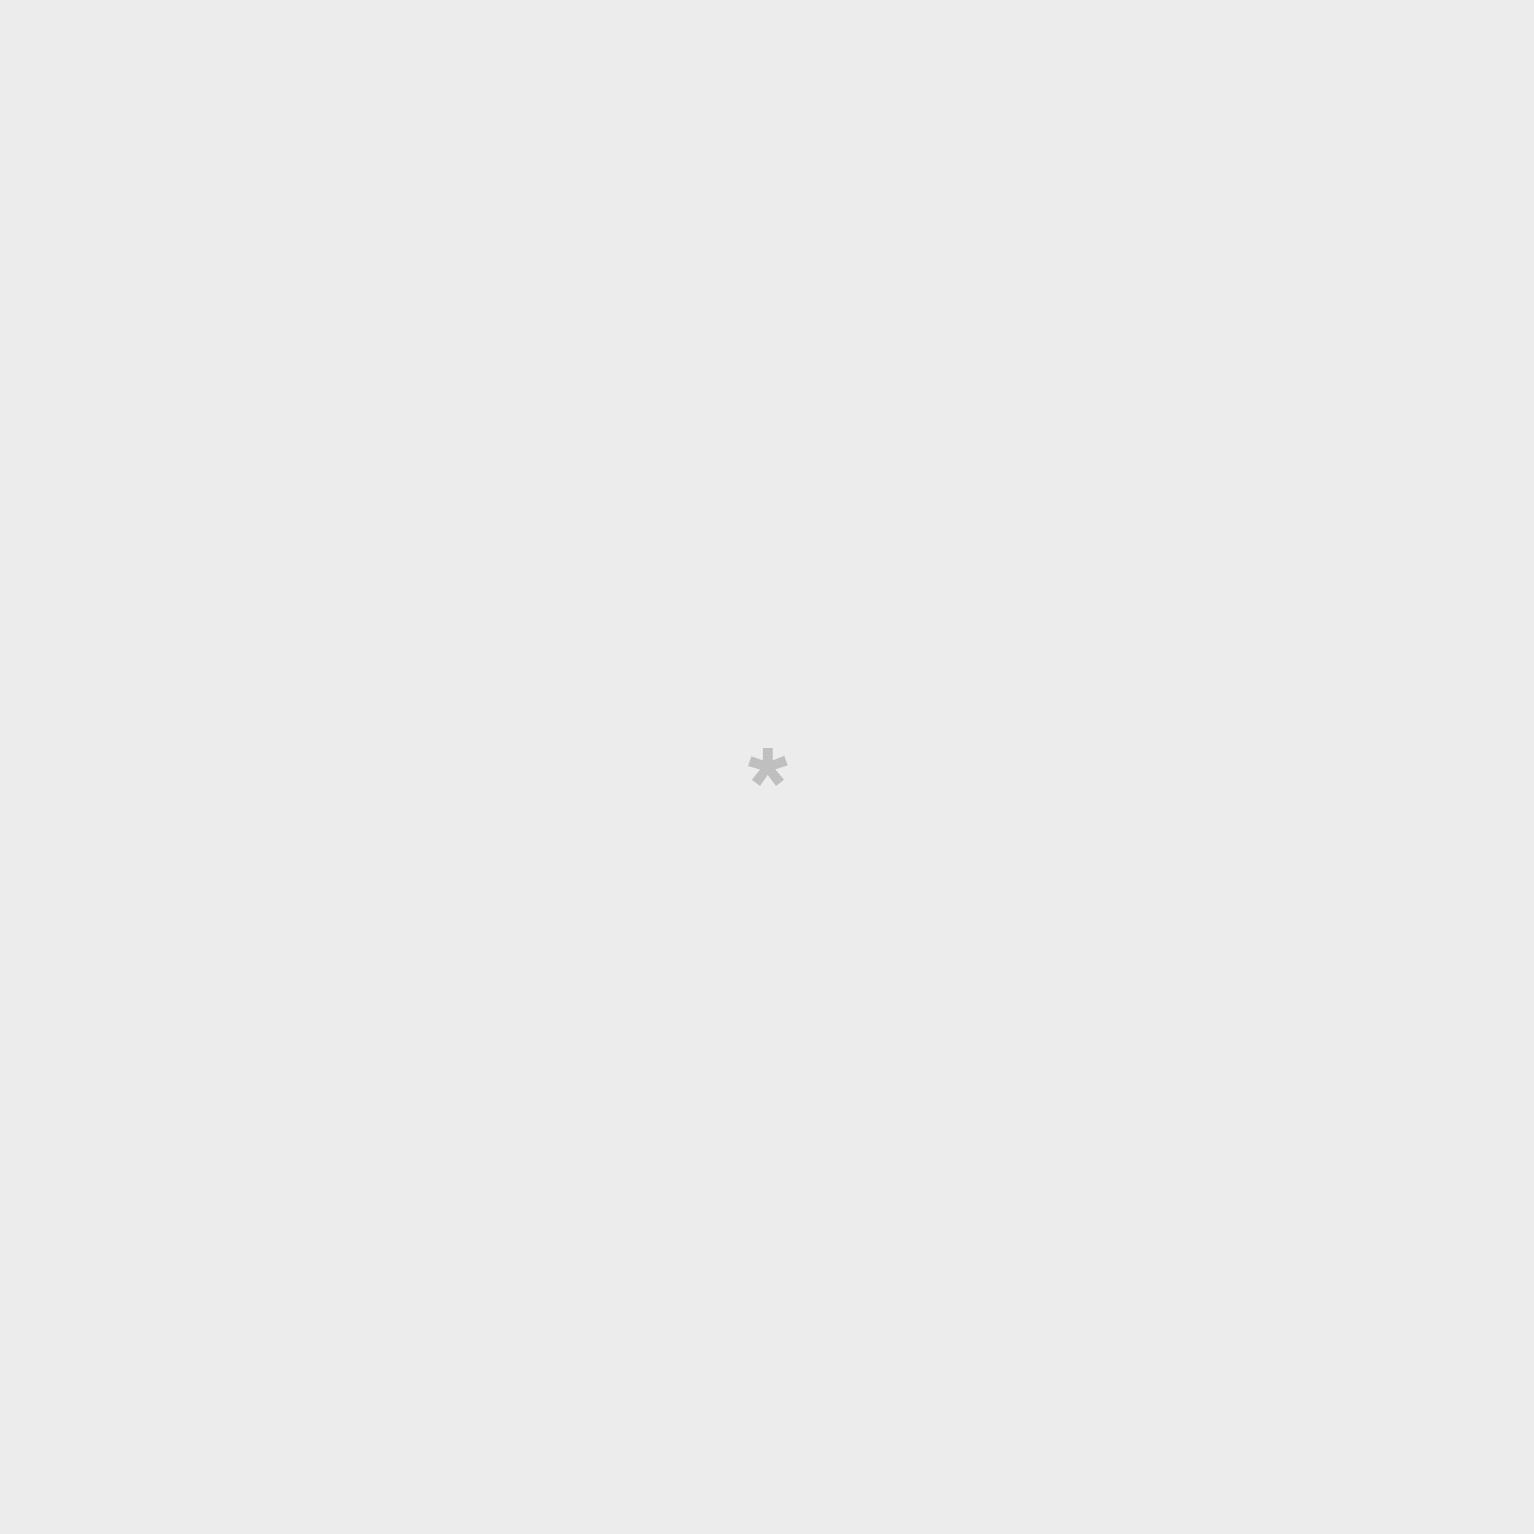 Caixa metálica - Não preciso de filtros, arranjo-me bem com esta caixa (PT)